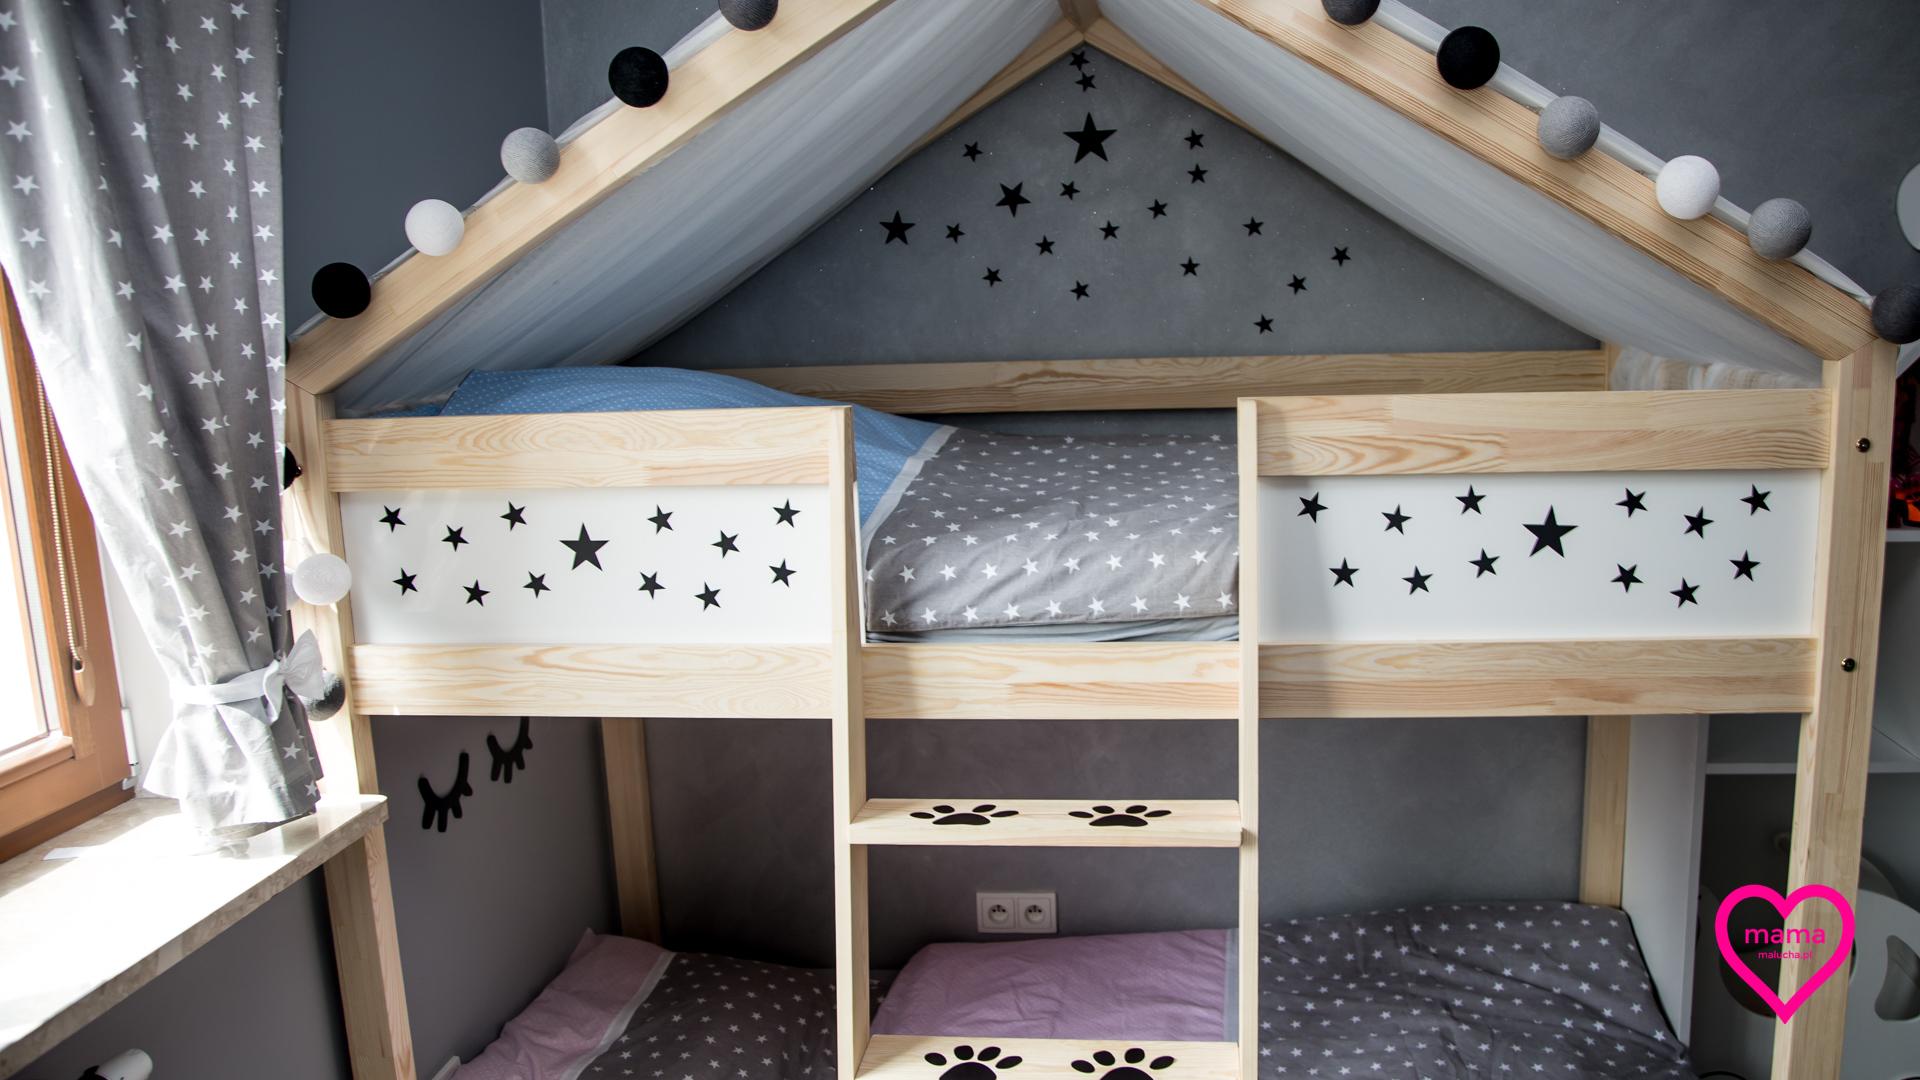 łóżko Piętrowe Dla Dzieci Czy To Dobry Pomysł